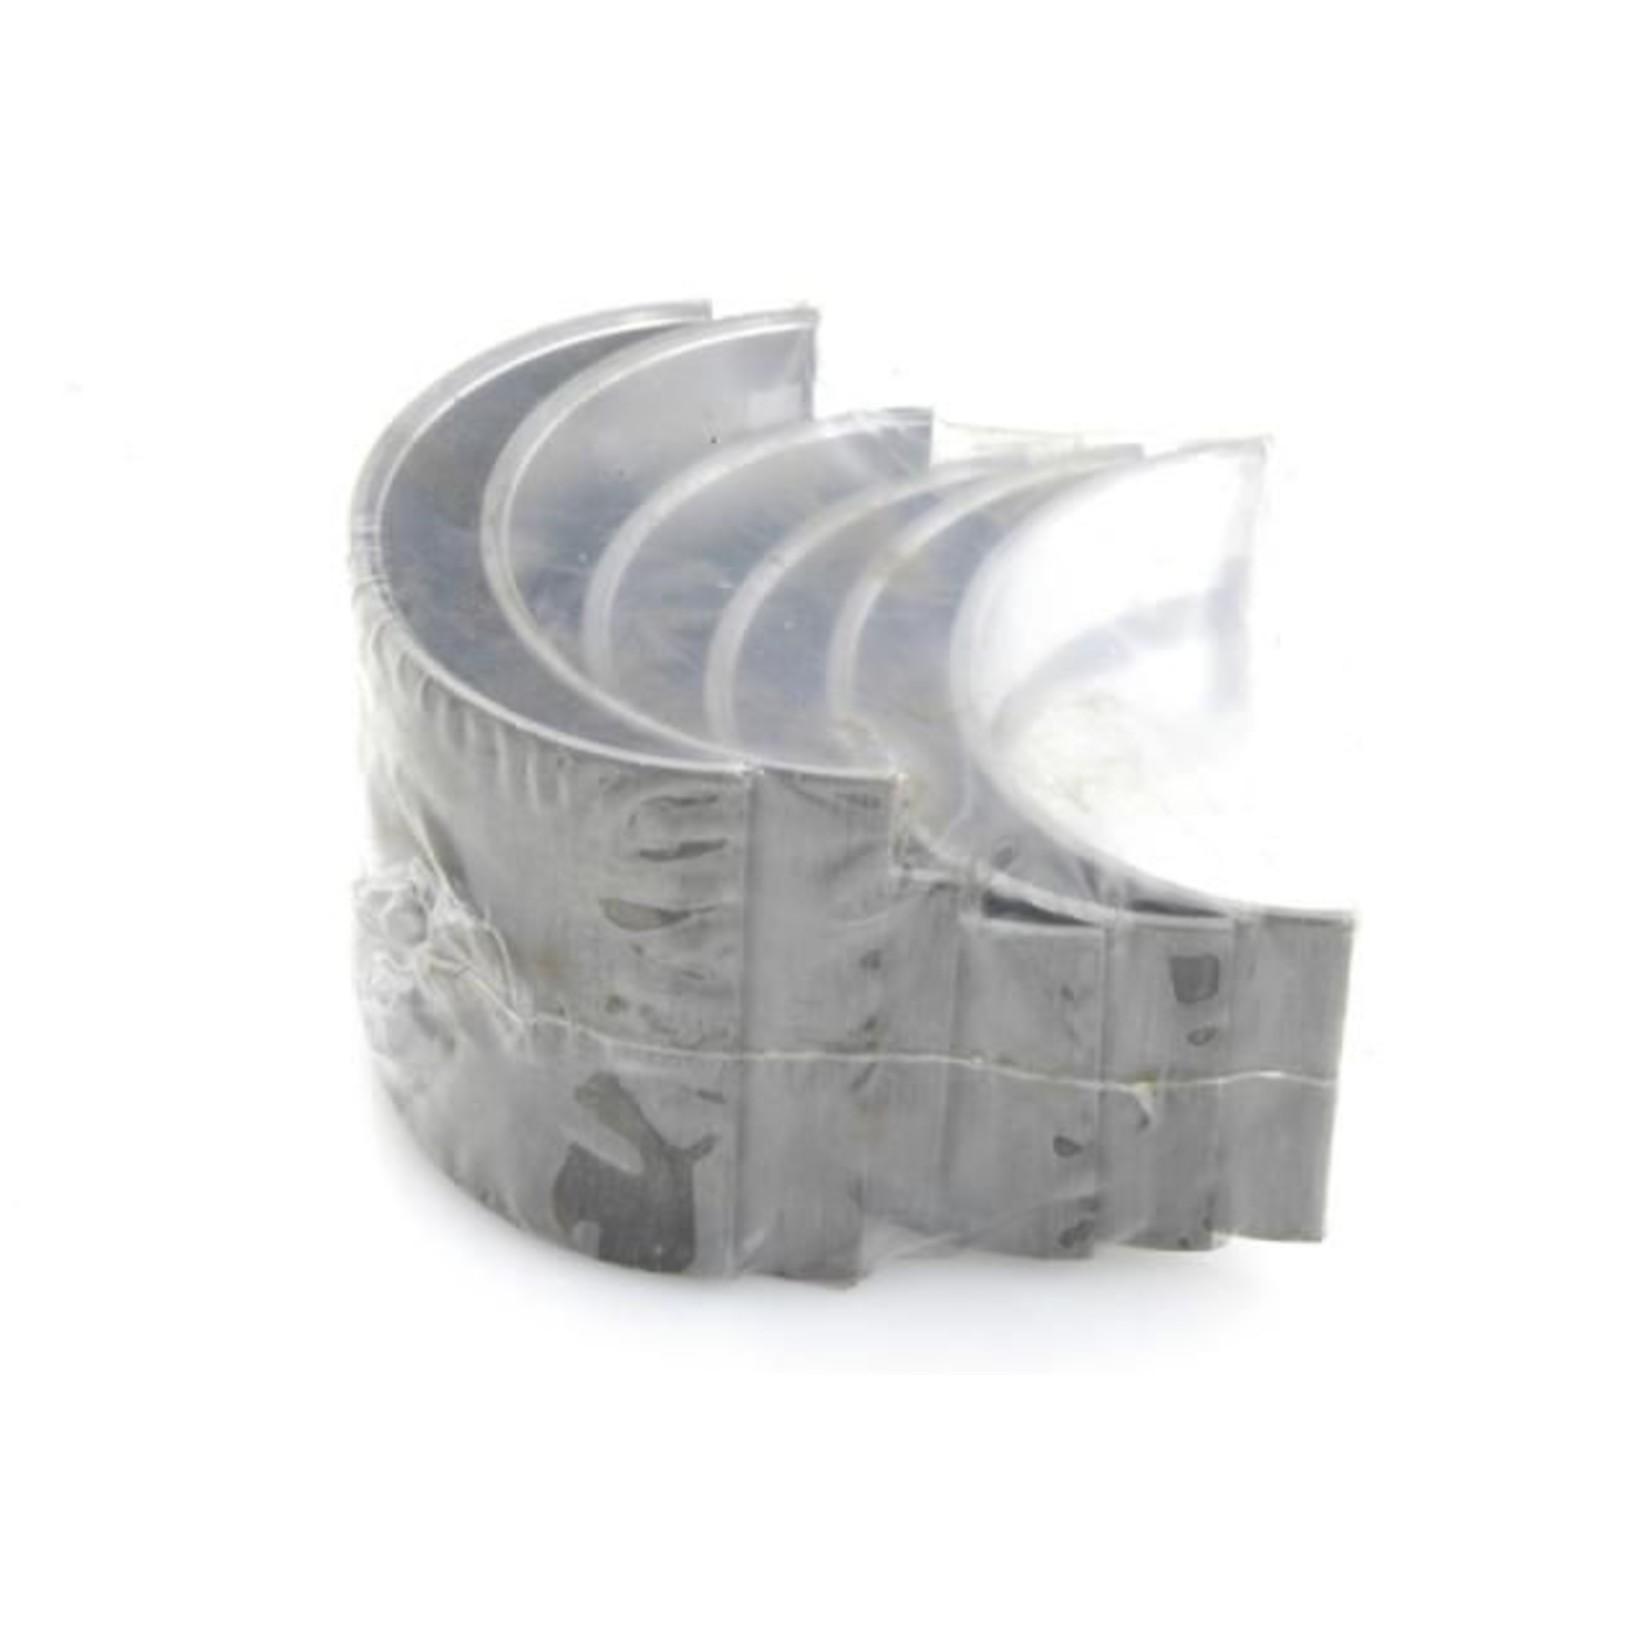 Casquillo de cojinete -65 Standard 3 paliers Nr Org: DS113168D